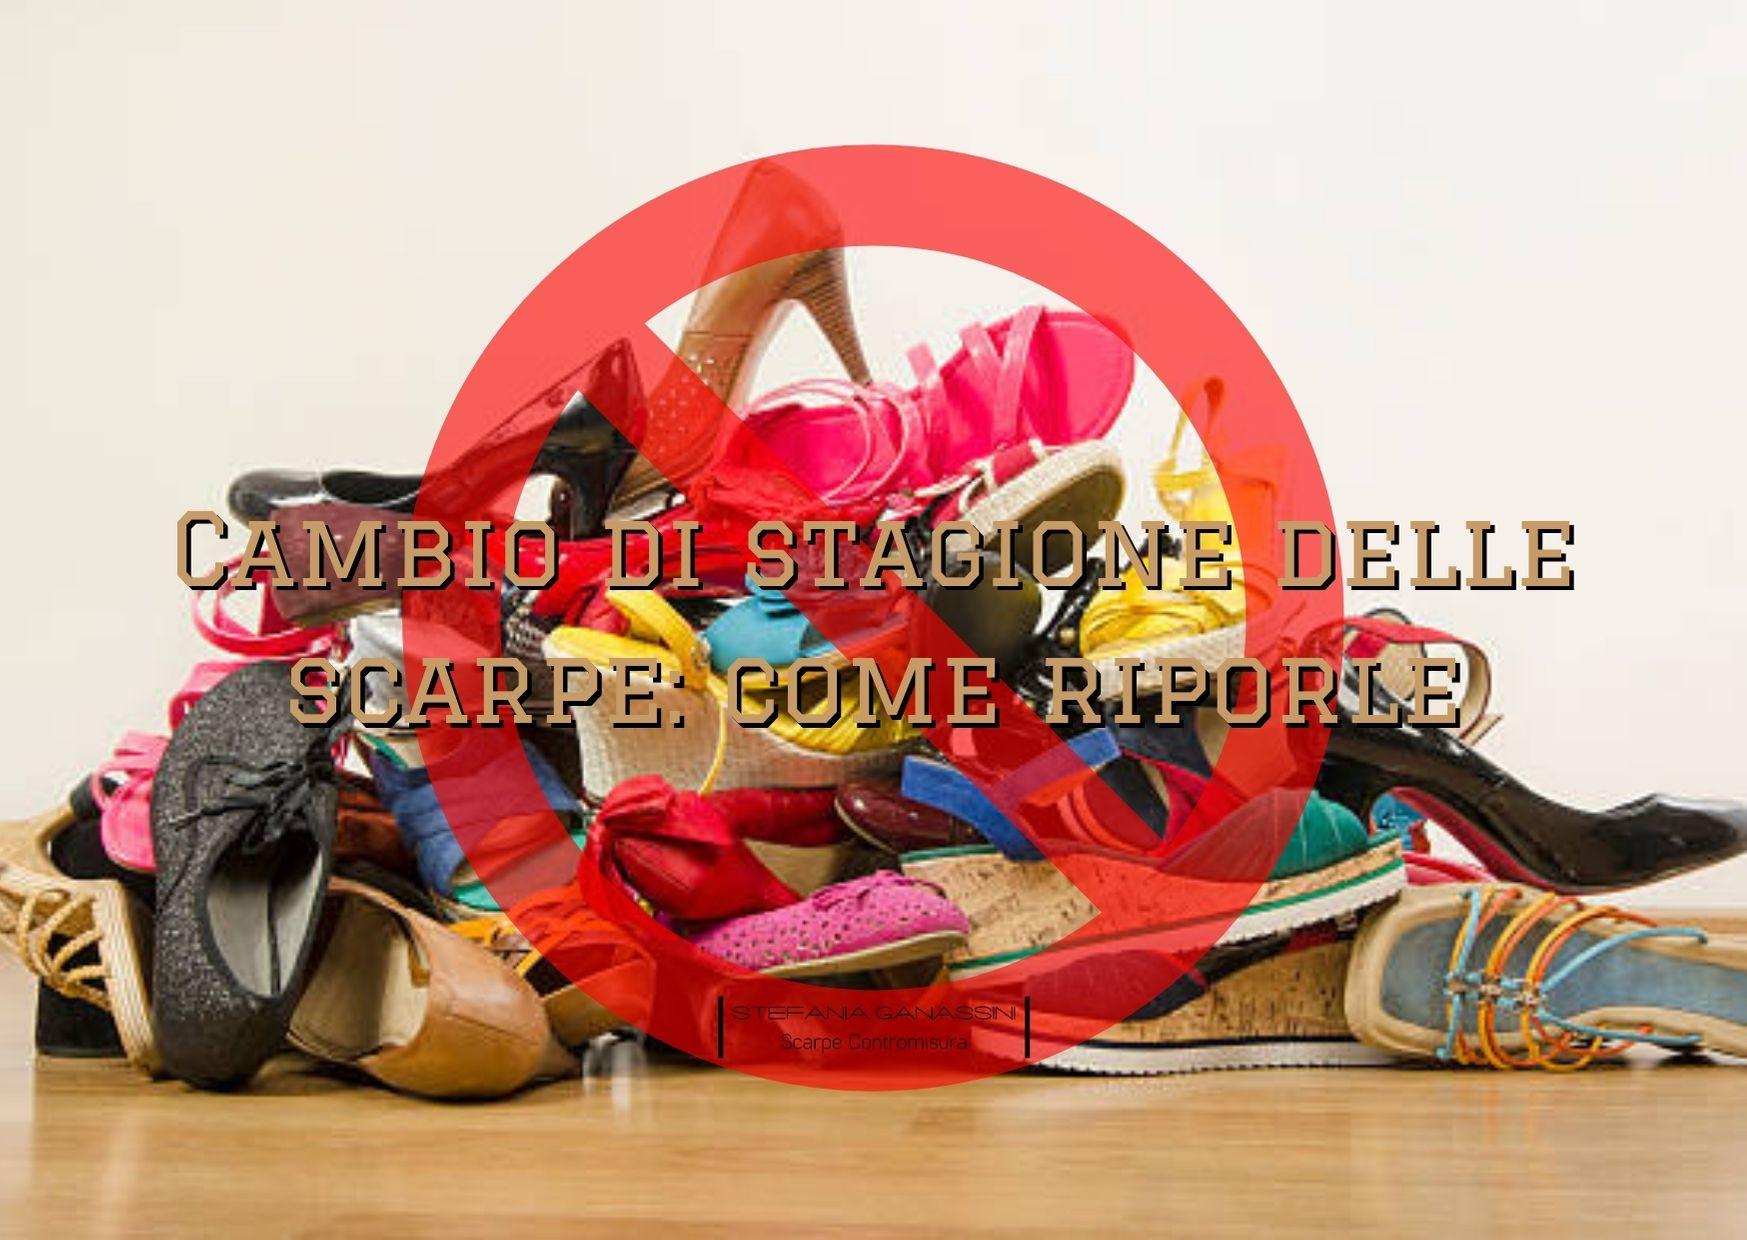 Cambio di stagione delle scarpe come riporle